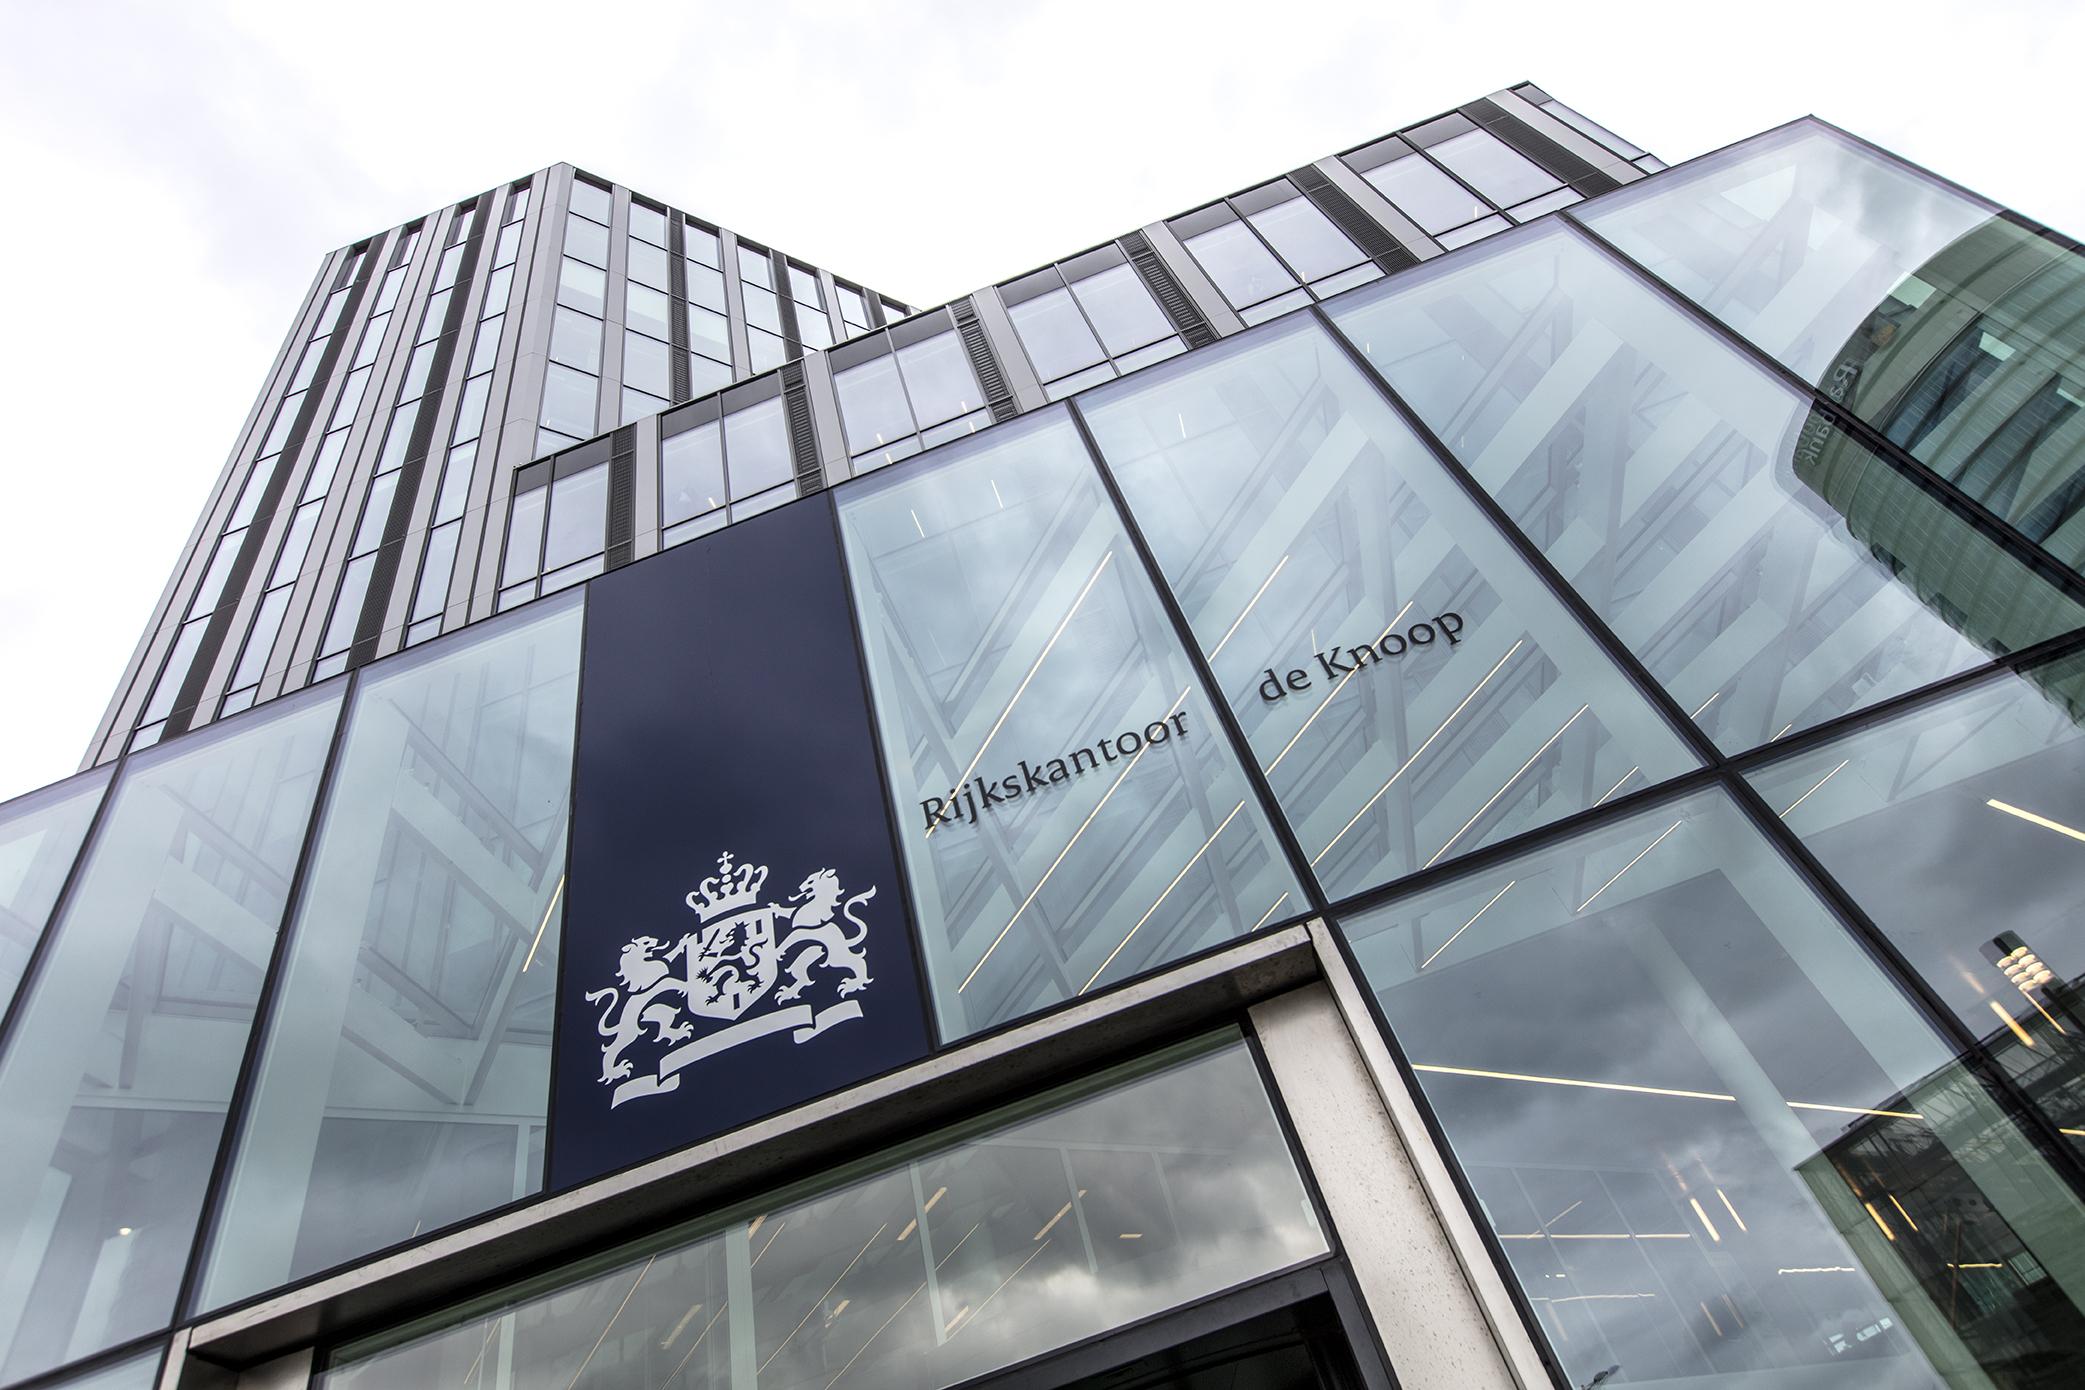 Belastingdienst Kantoor Utrecht : De knoop utrecht u interieurfotograaf fotograaf michael van